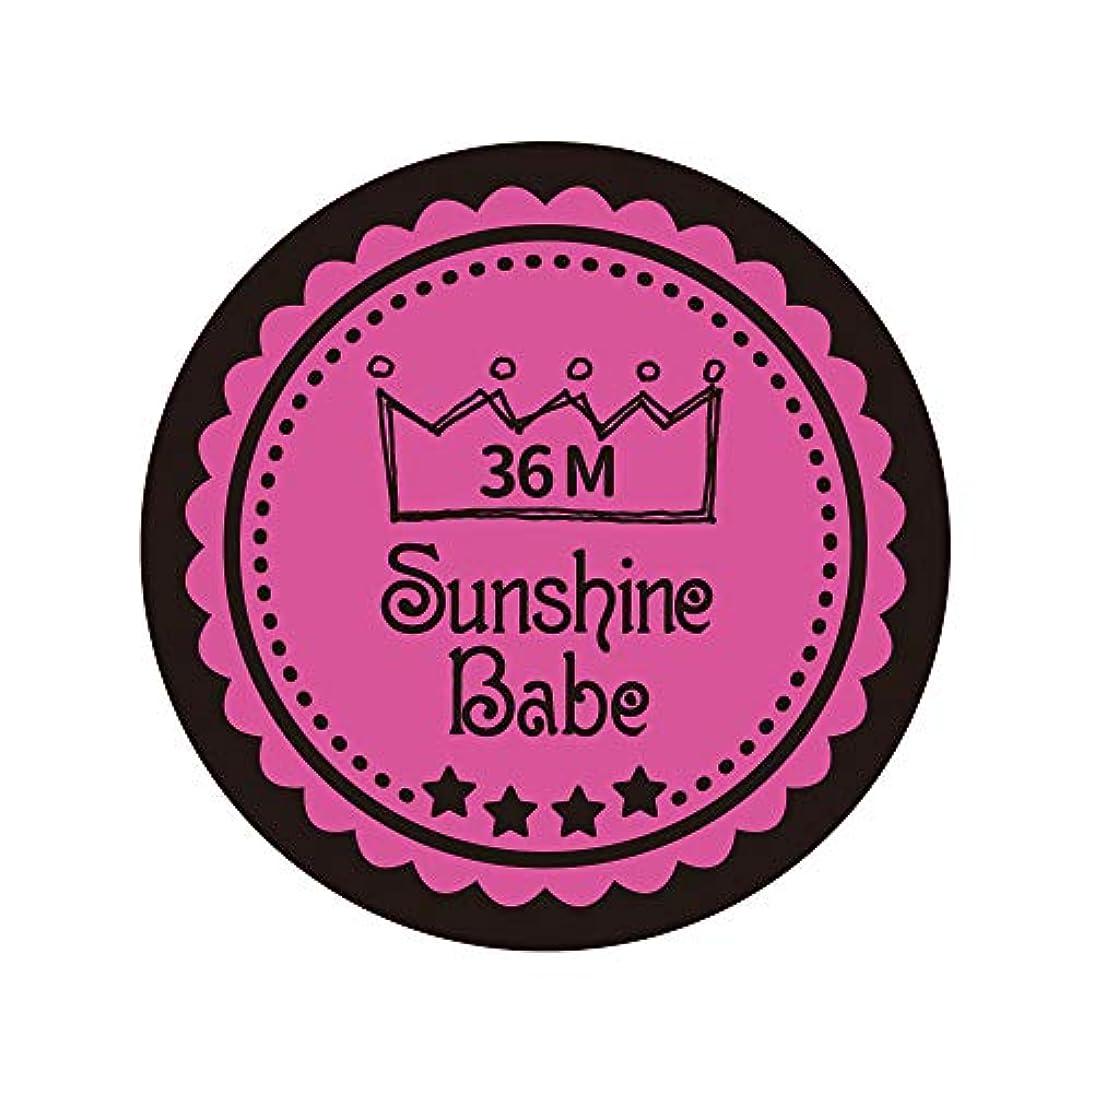 パパ時刻表奇跡的なSunshine Babe カラージェル 36M クロッカスピンク 2.7g UV/LED対応